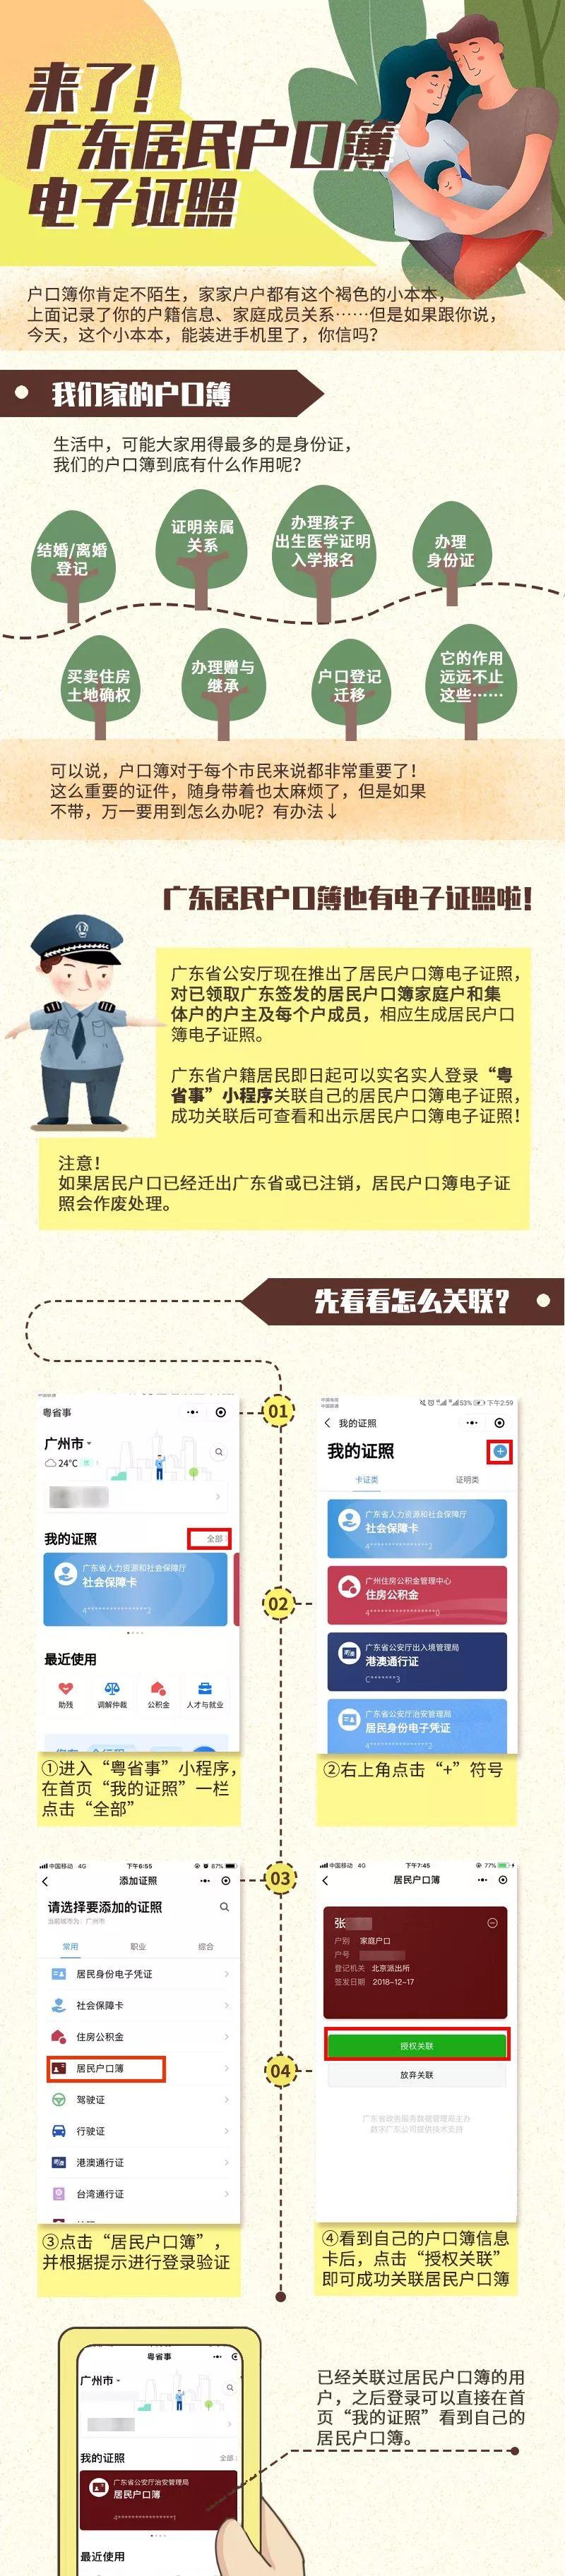 東莞居民戶口簿也有電子證照啦!一張圖告訴你怎麼操作